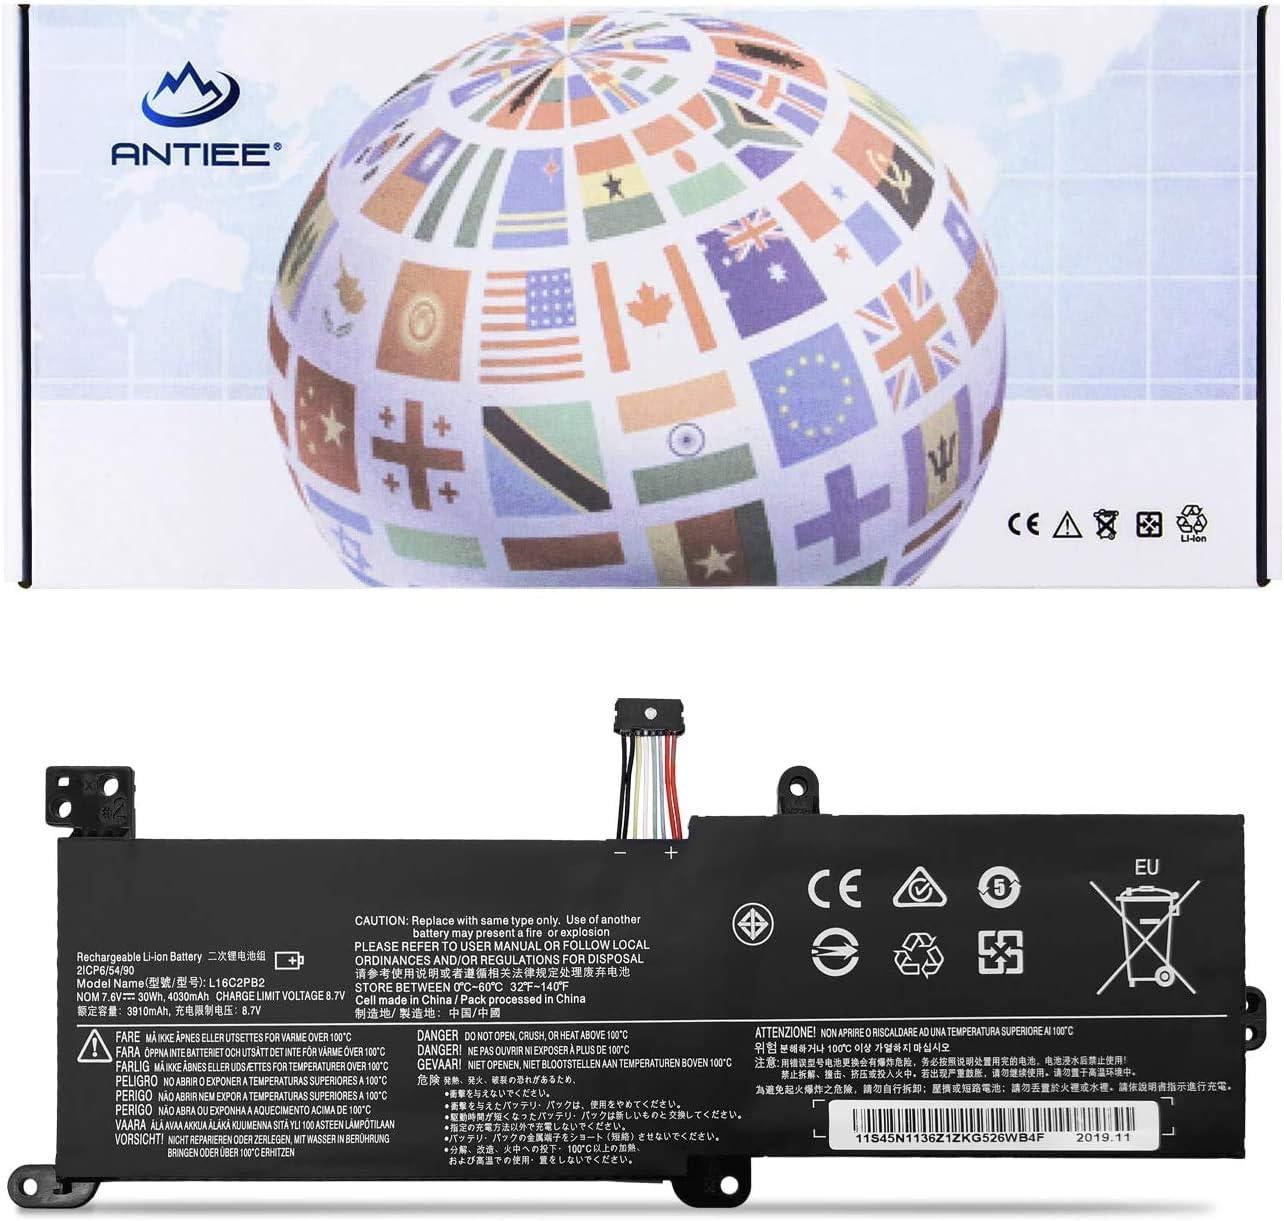 ANTIEE L16C2PB2 Laptop Batería para Lenovo IdeaPad 320-14AST 320-14IAP 320-14IKB 320-14ISK 320-15ABR 320-15AST 320-15IAP Series L16L2PB2 L16L2PB1 L16S2PB1 L16C2PB1 7.6V 30Wh 4030mAh